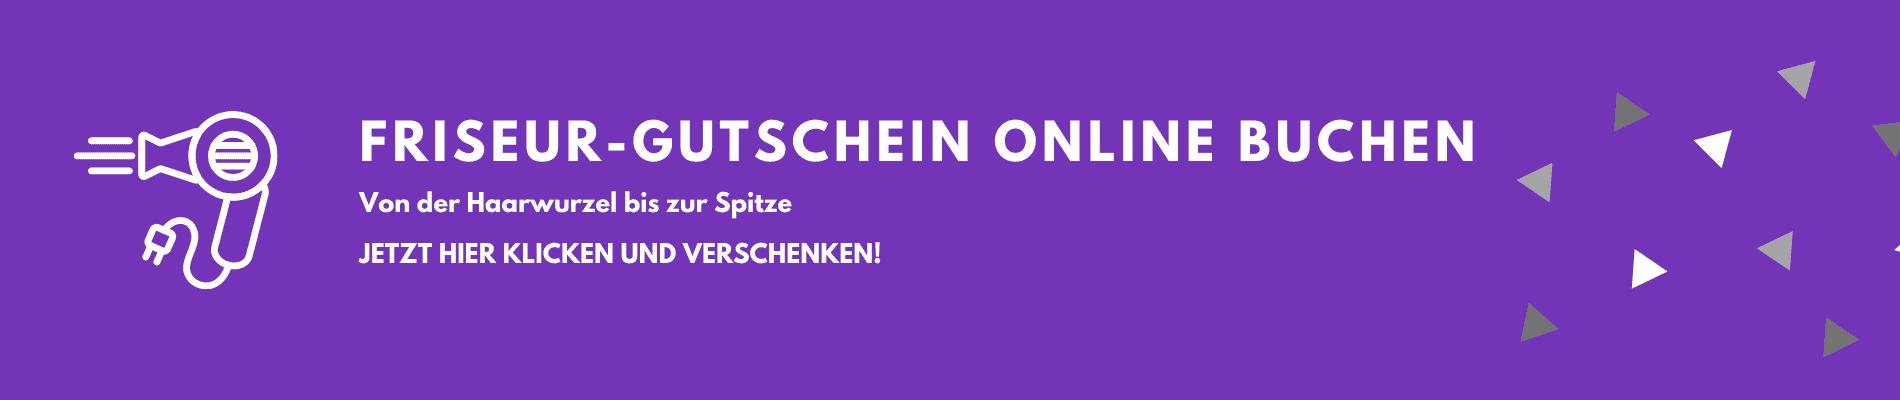 Friseur Gutschein Leipzig